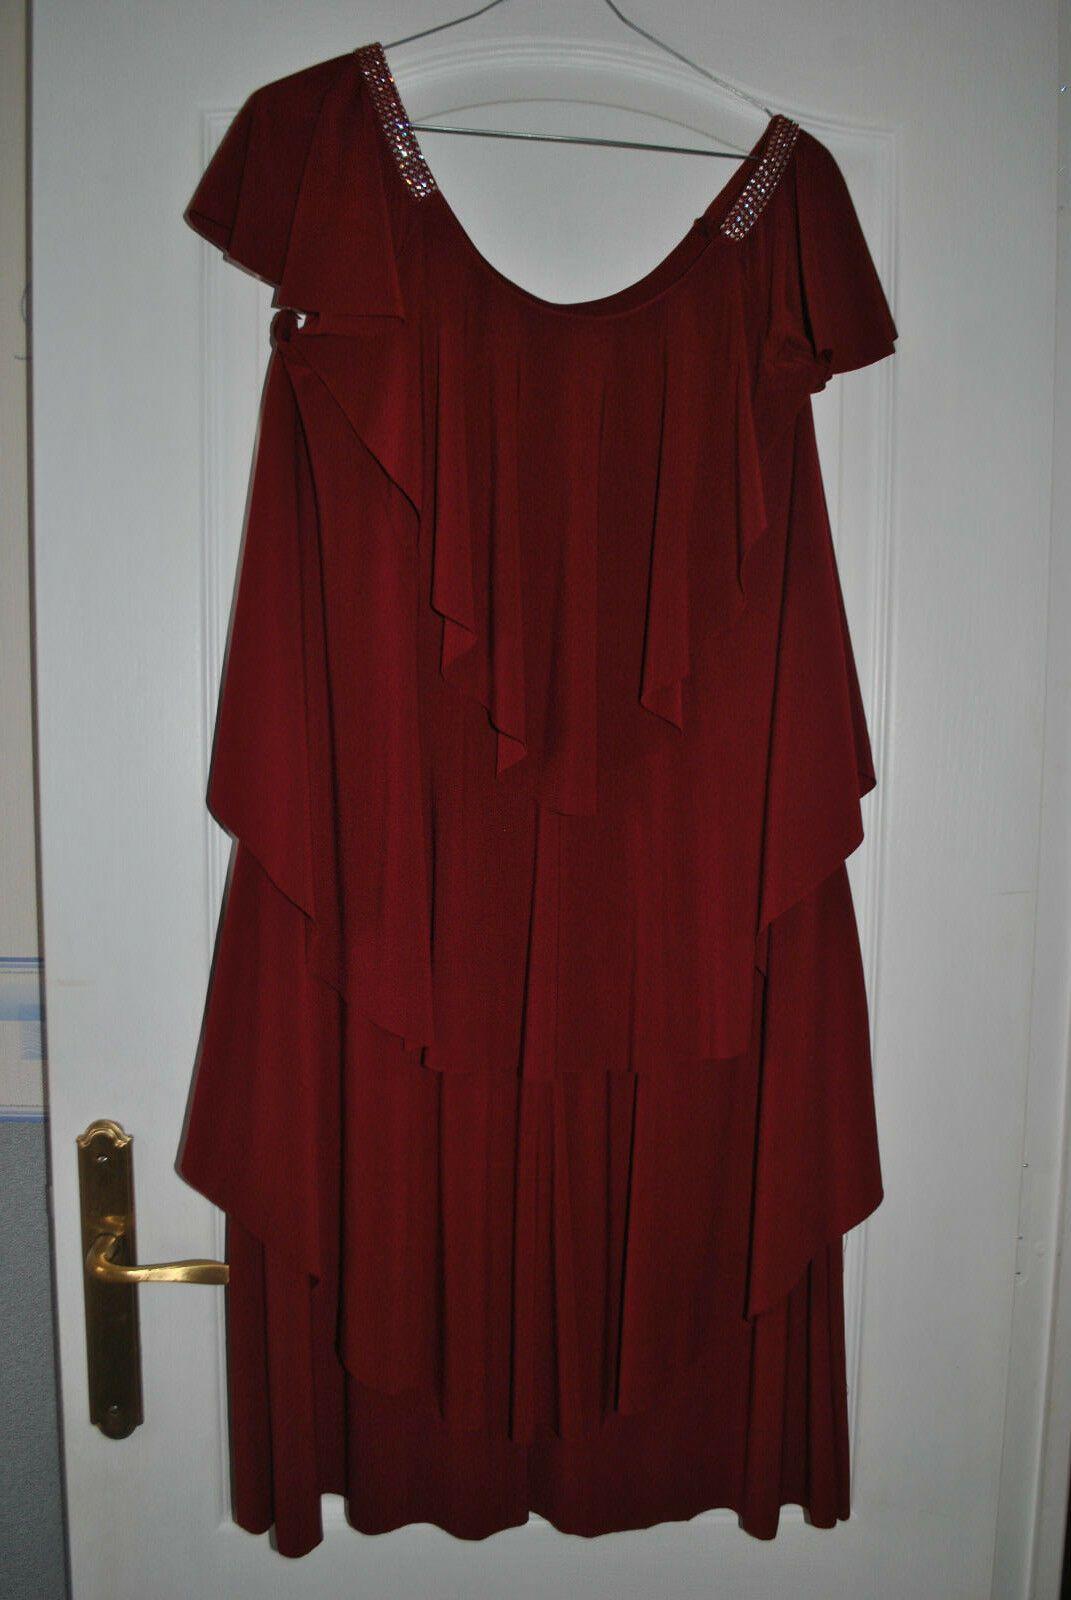 Details Sur Robe Fete Ceremonie Avec Strass Taille 48 Tres Bon Etat Robe Ceremonie Robe Robe De Fete